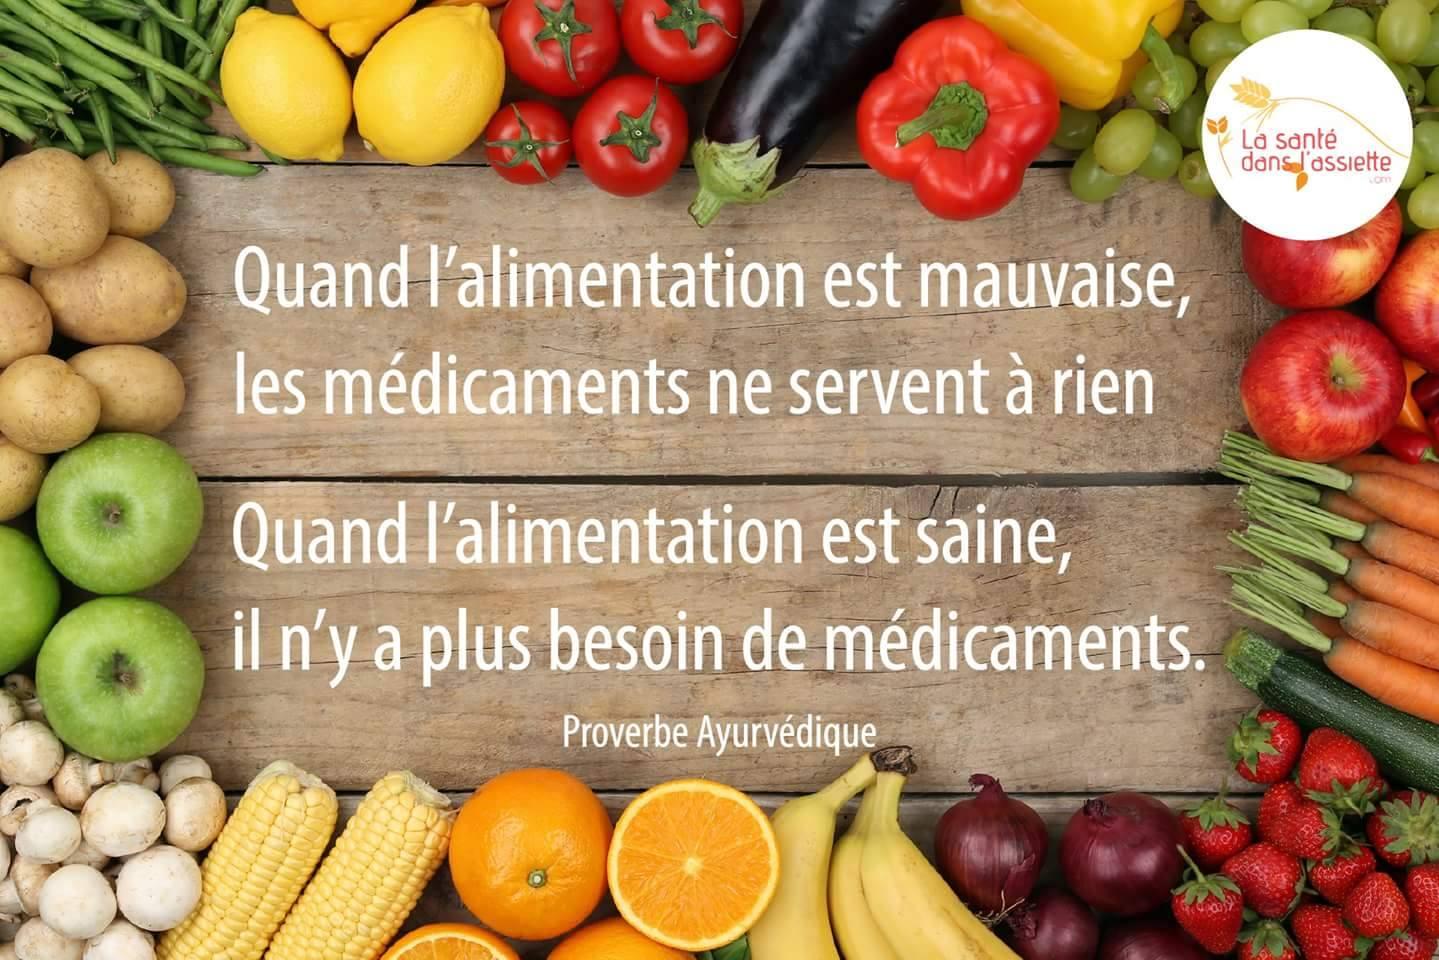 """proverbe ayurvédique : «Quand l'alimentation est mauvaise, la médecine est d'aucune utilité. Lorsque l'alimentation est correcte, la médecine est sans nécessité """""""